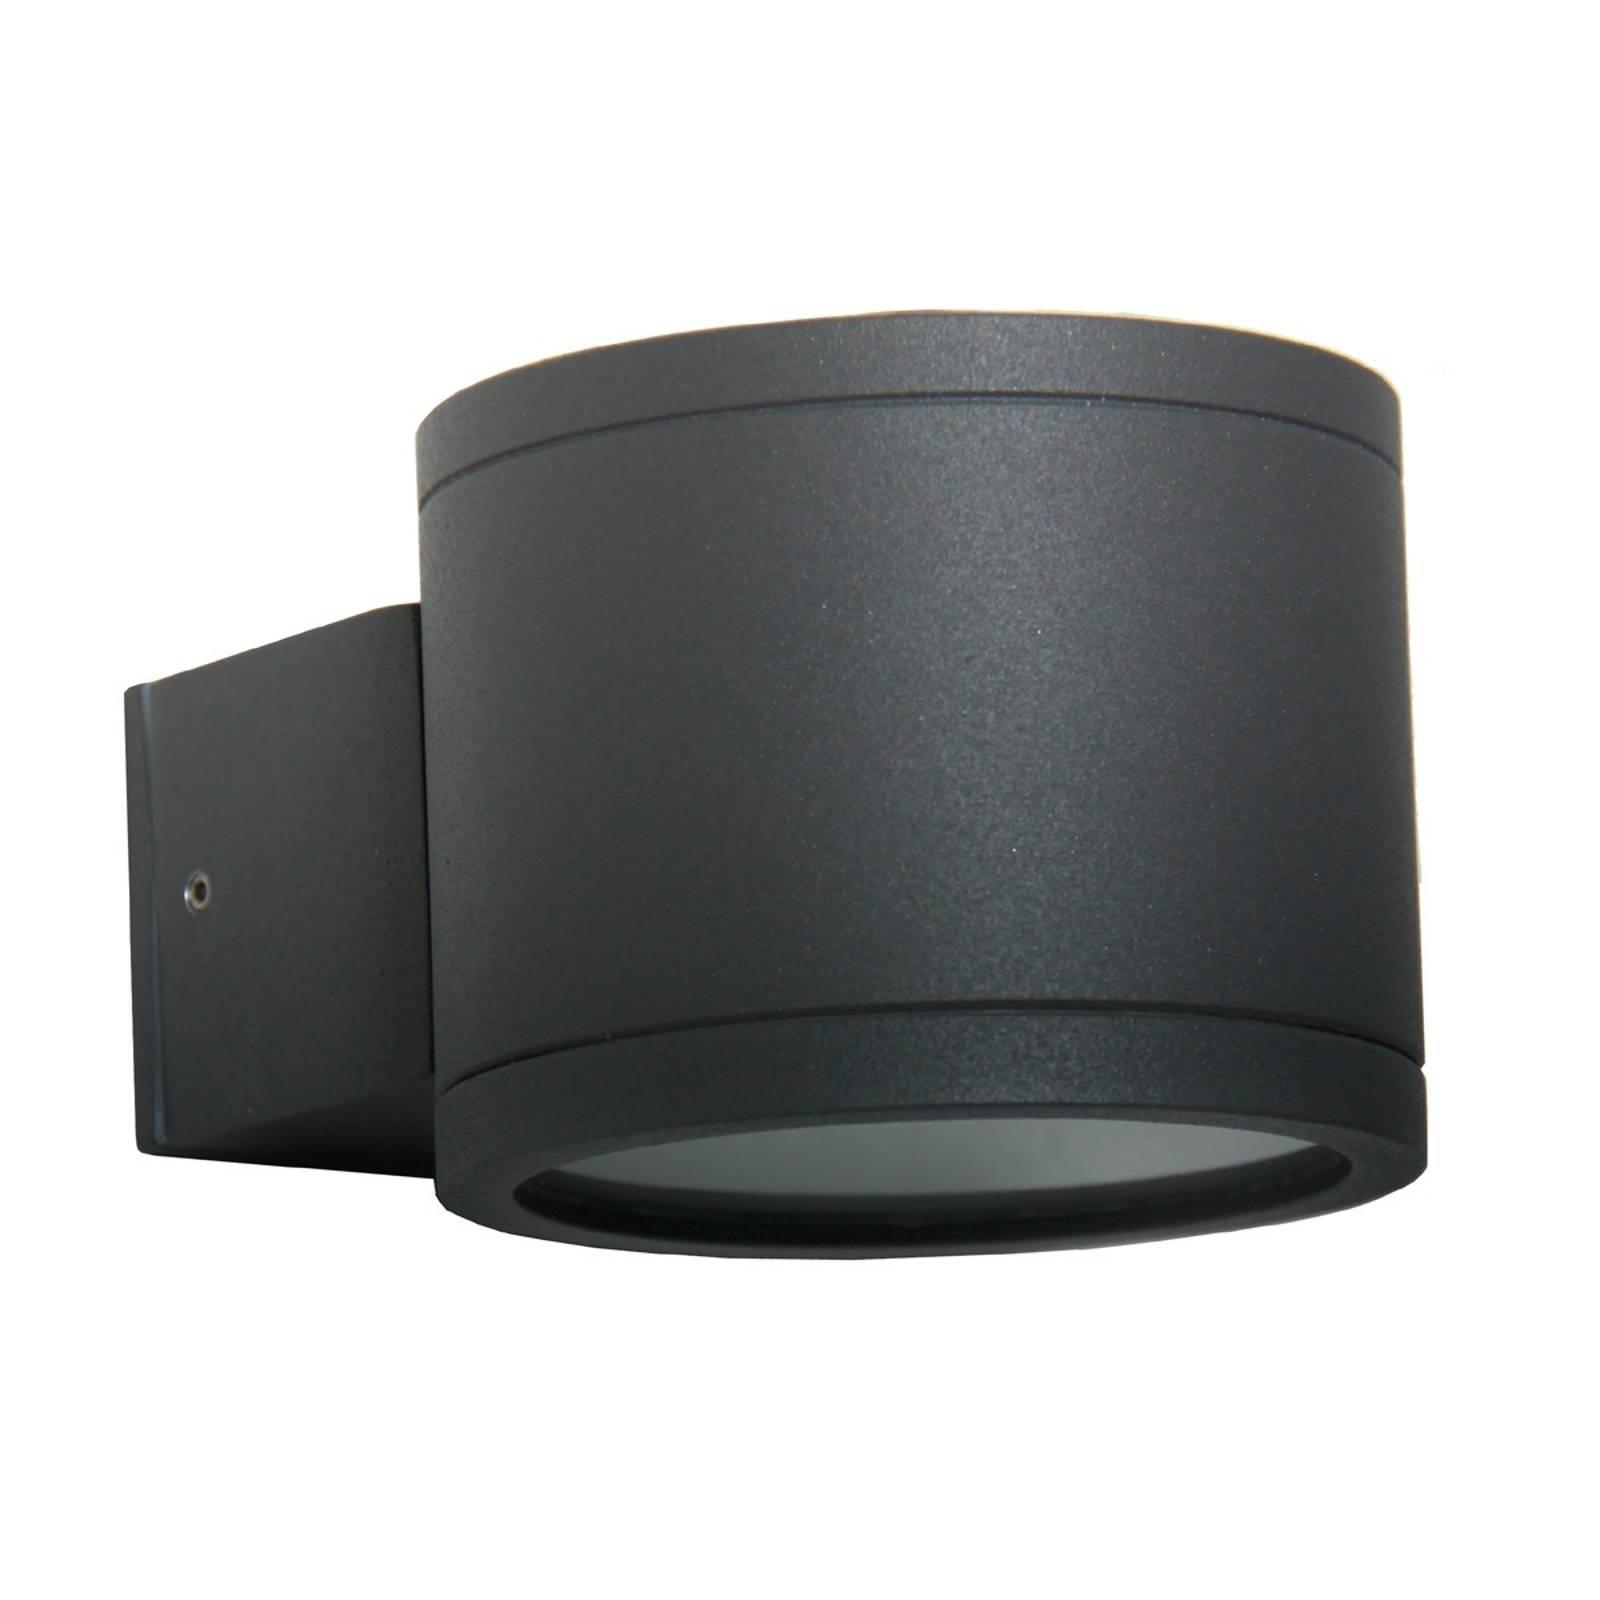 Strålende klar Optica utendørs LED-vegglampe